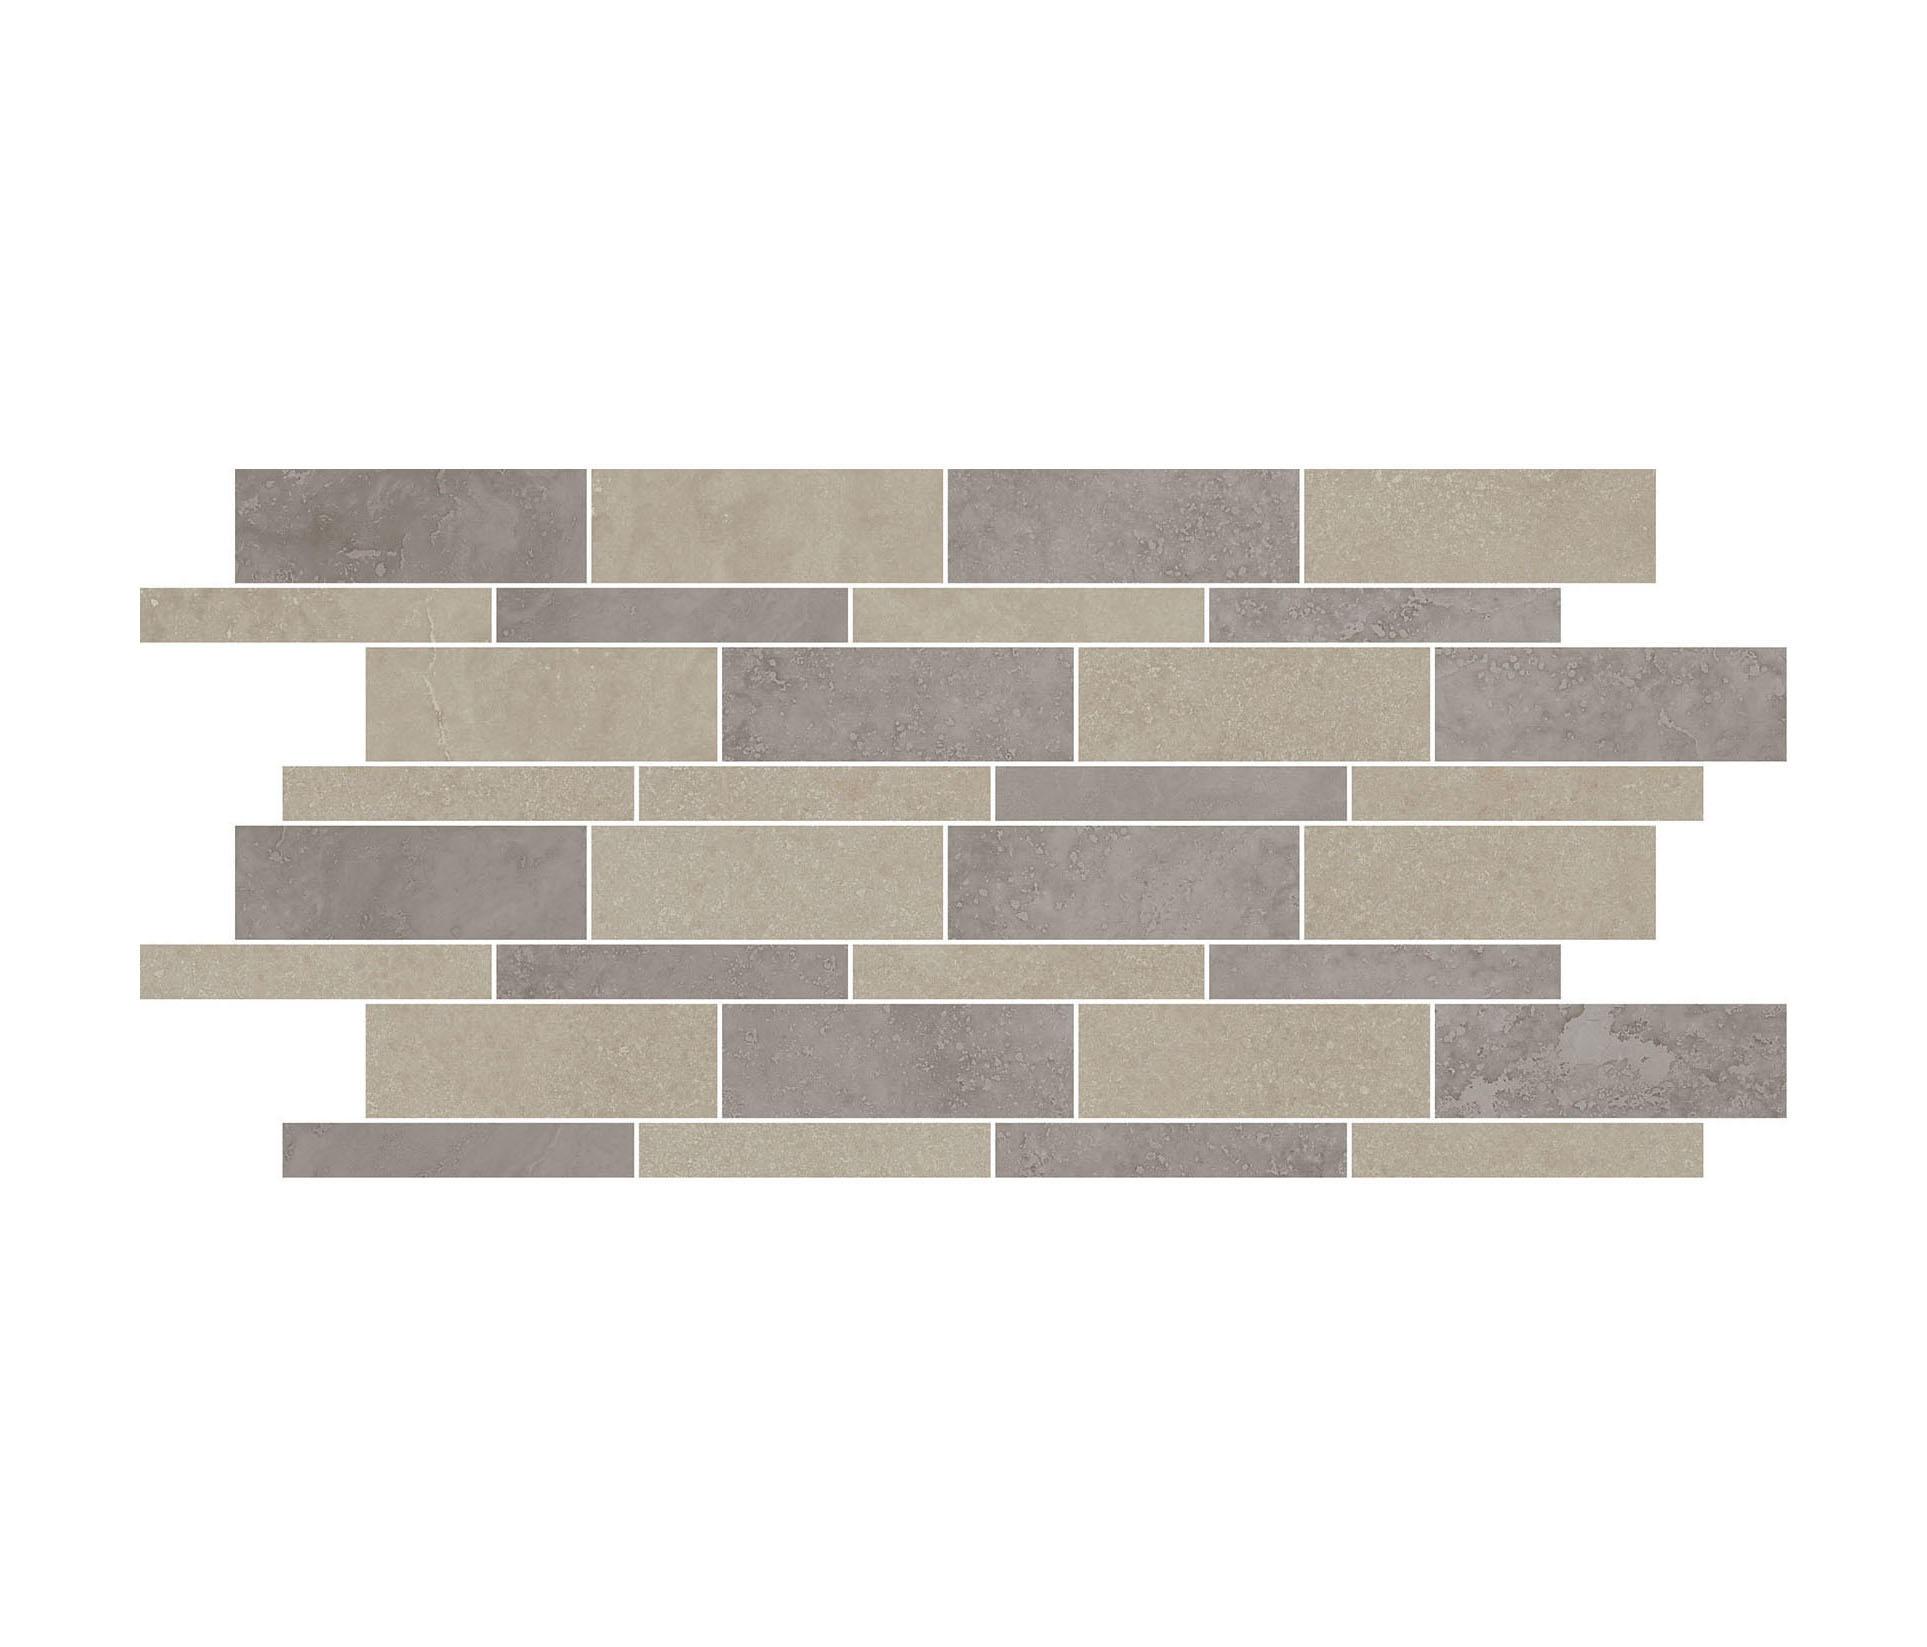 Mineral Spring Mi65 Ceramic Tiles From Villeroy Amp Boch